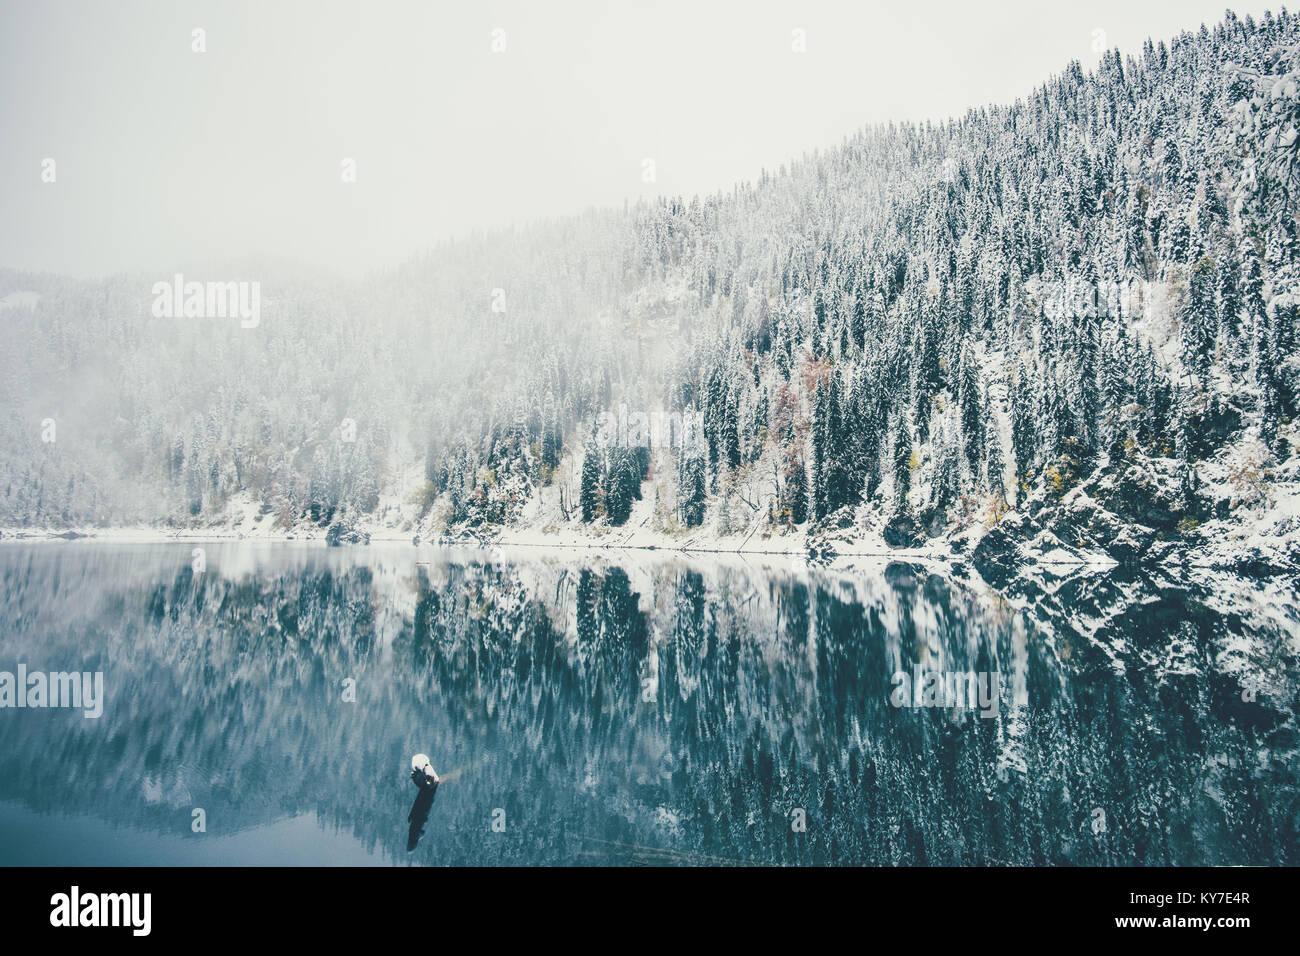 Lago de invierno cubierto de nieve y bosques de coníferas paisaje brumoso viaje serena vista panorámica Imagen De Stock